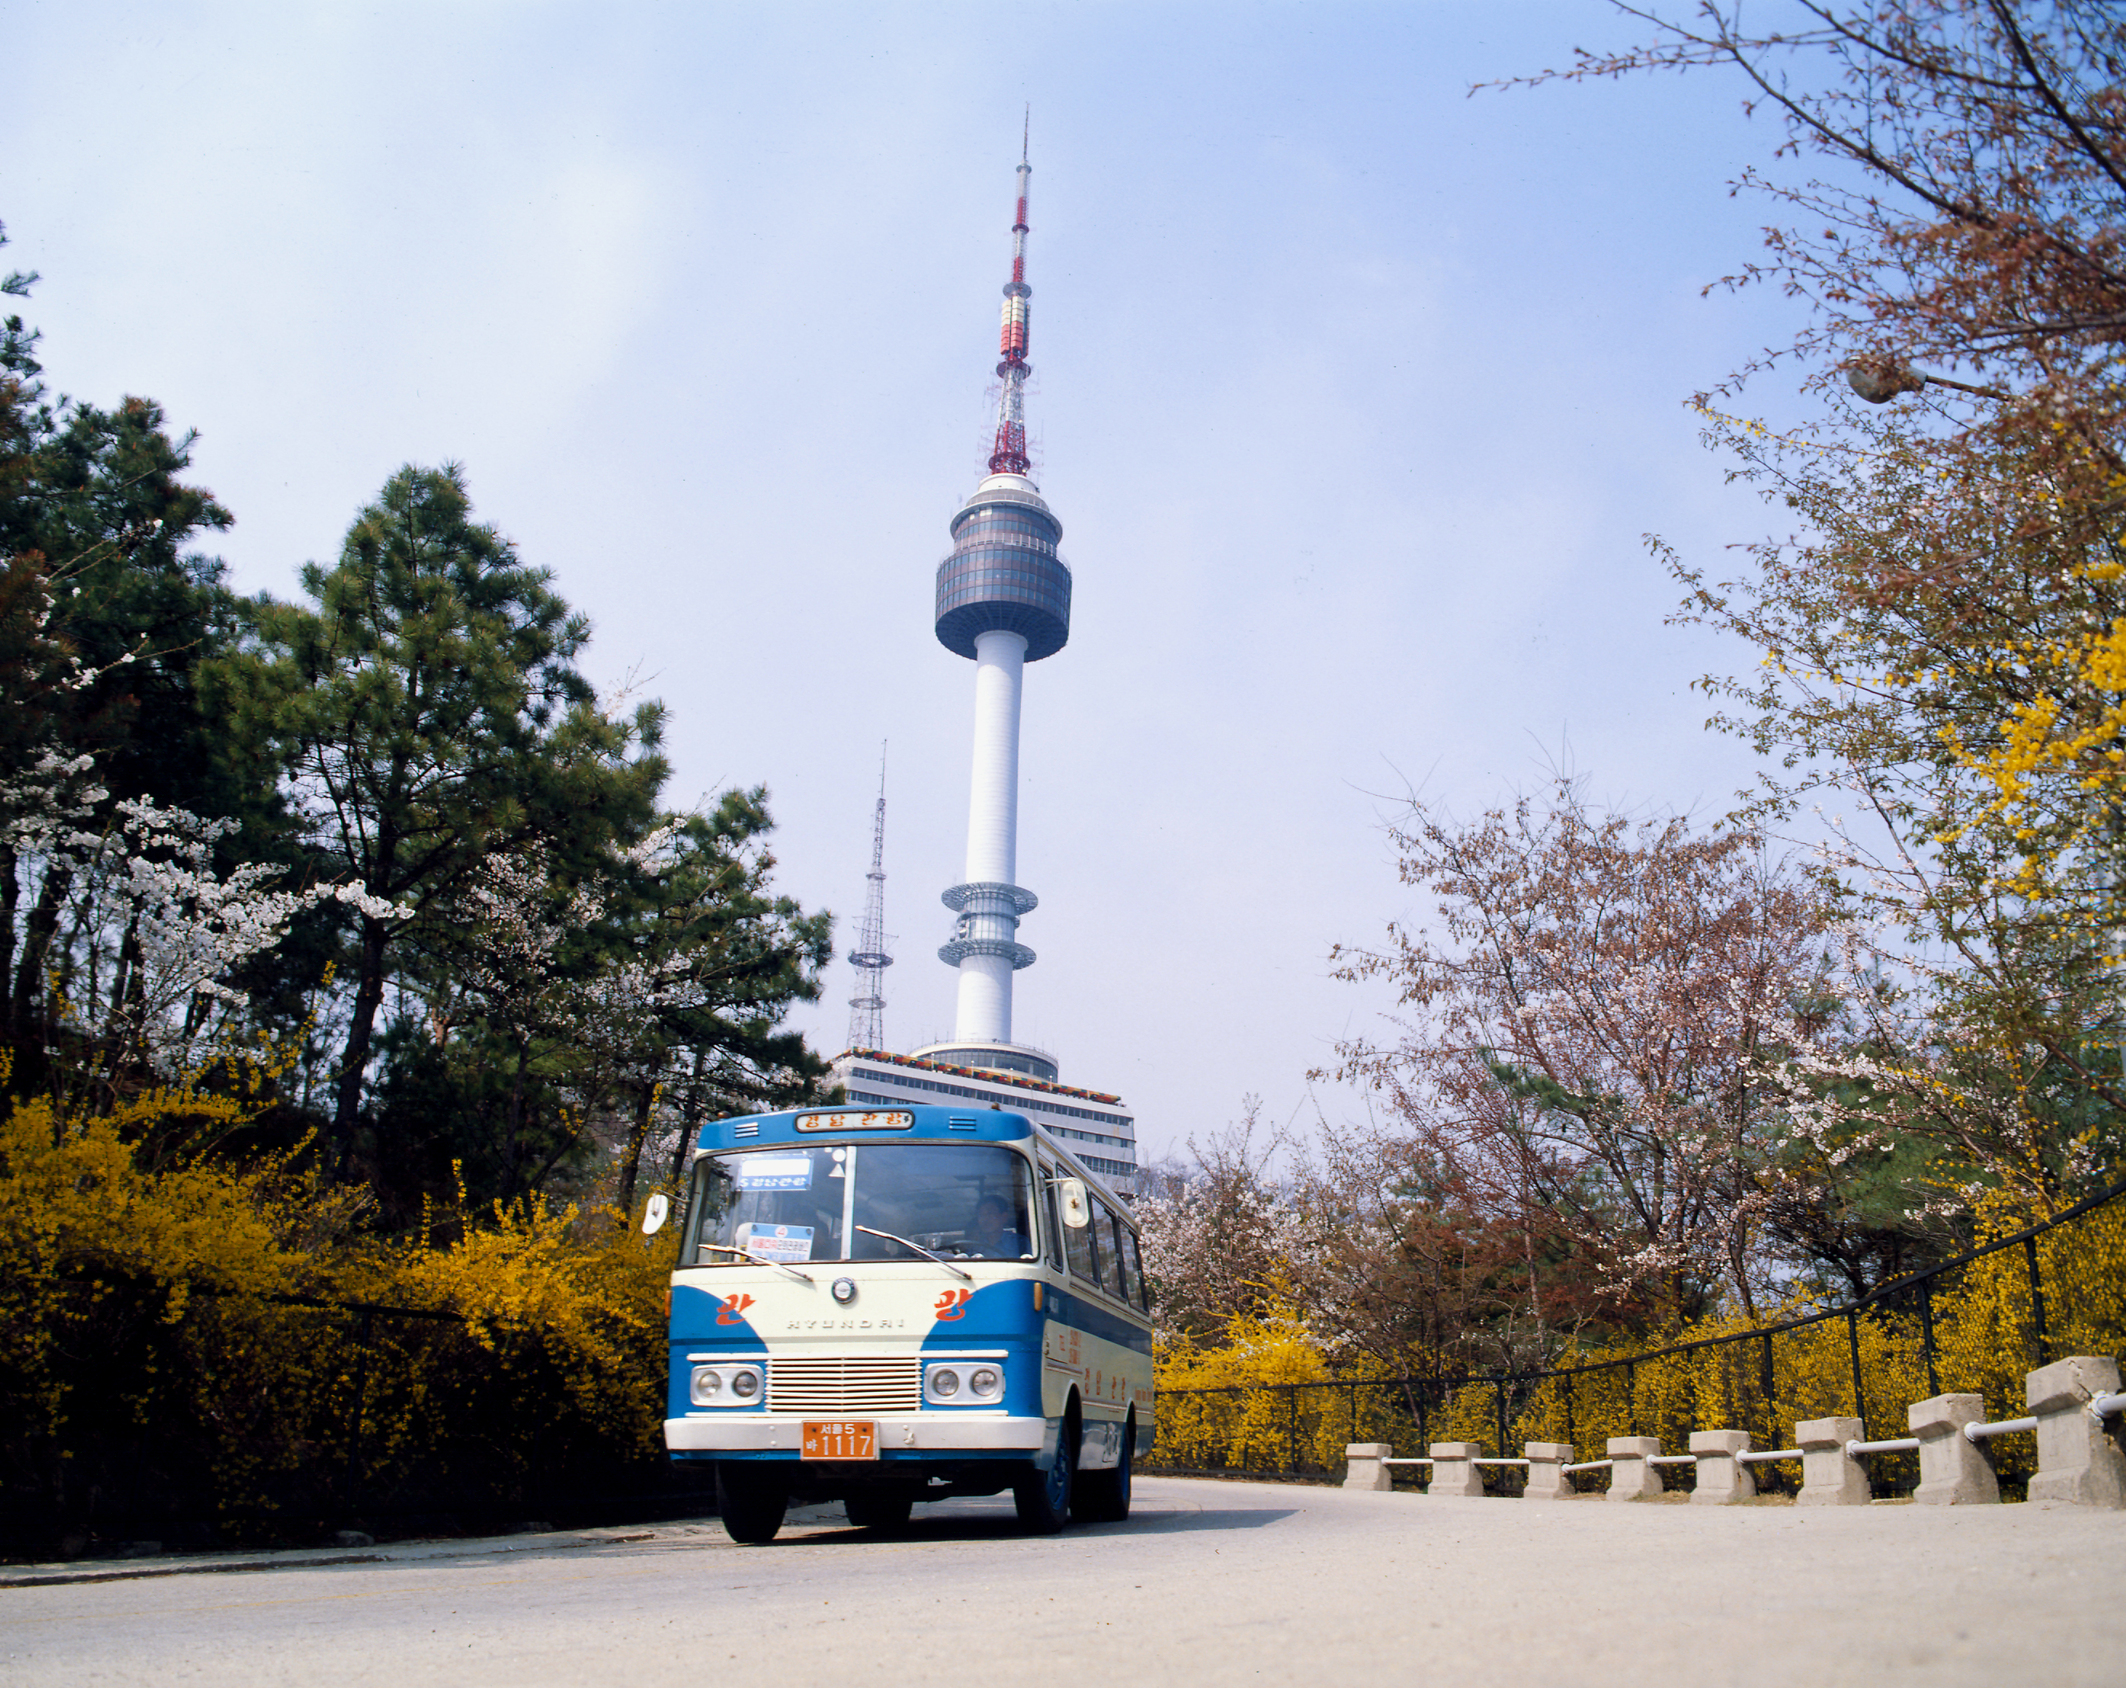 서울타워_한국관광공사제공